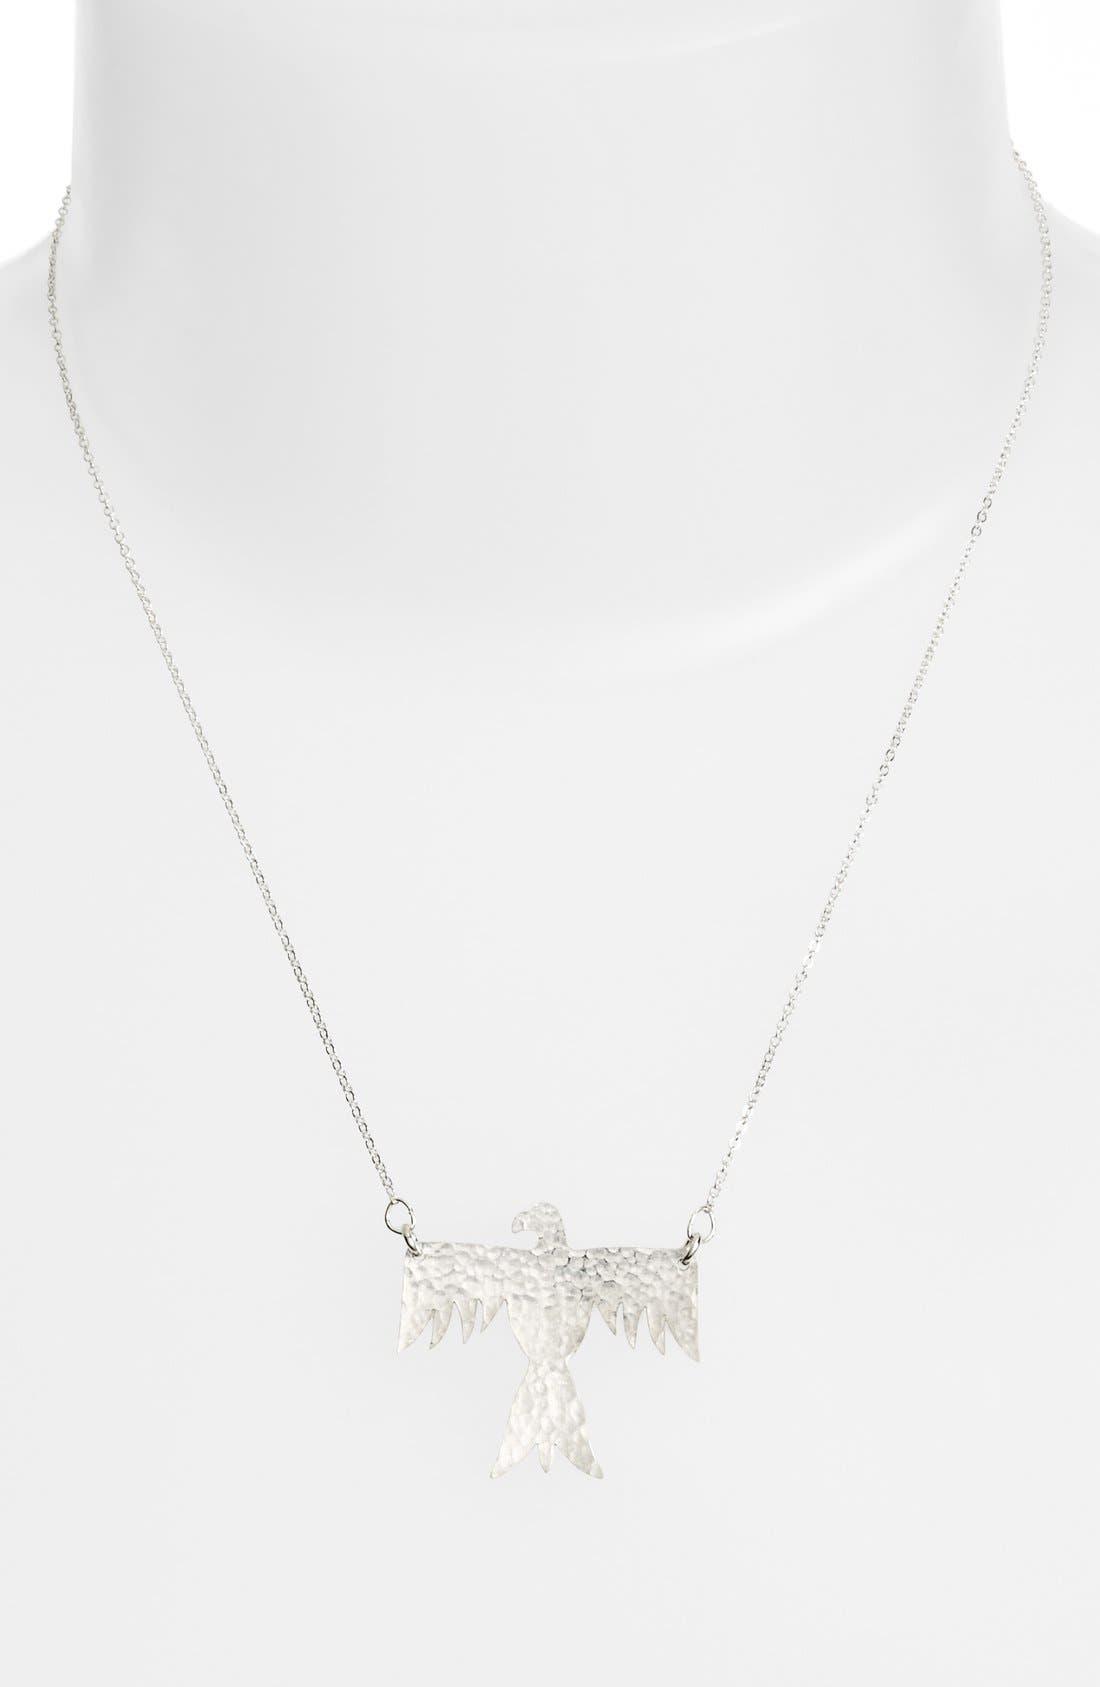 Phoenix Pendant Necklace,                             Main thumbnail 1, color,                             040